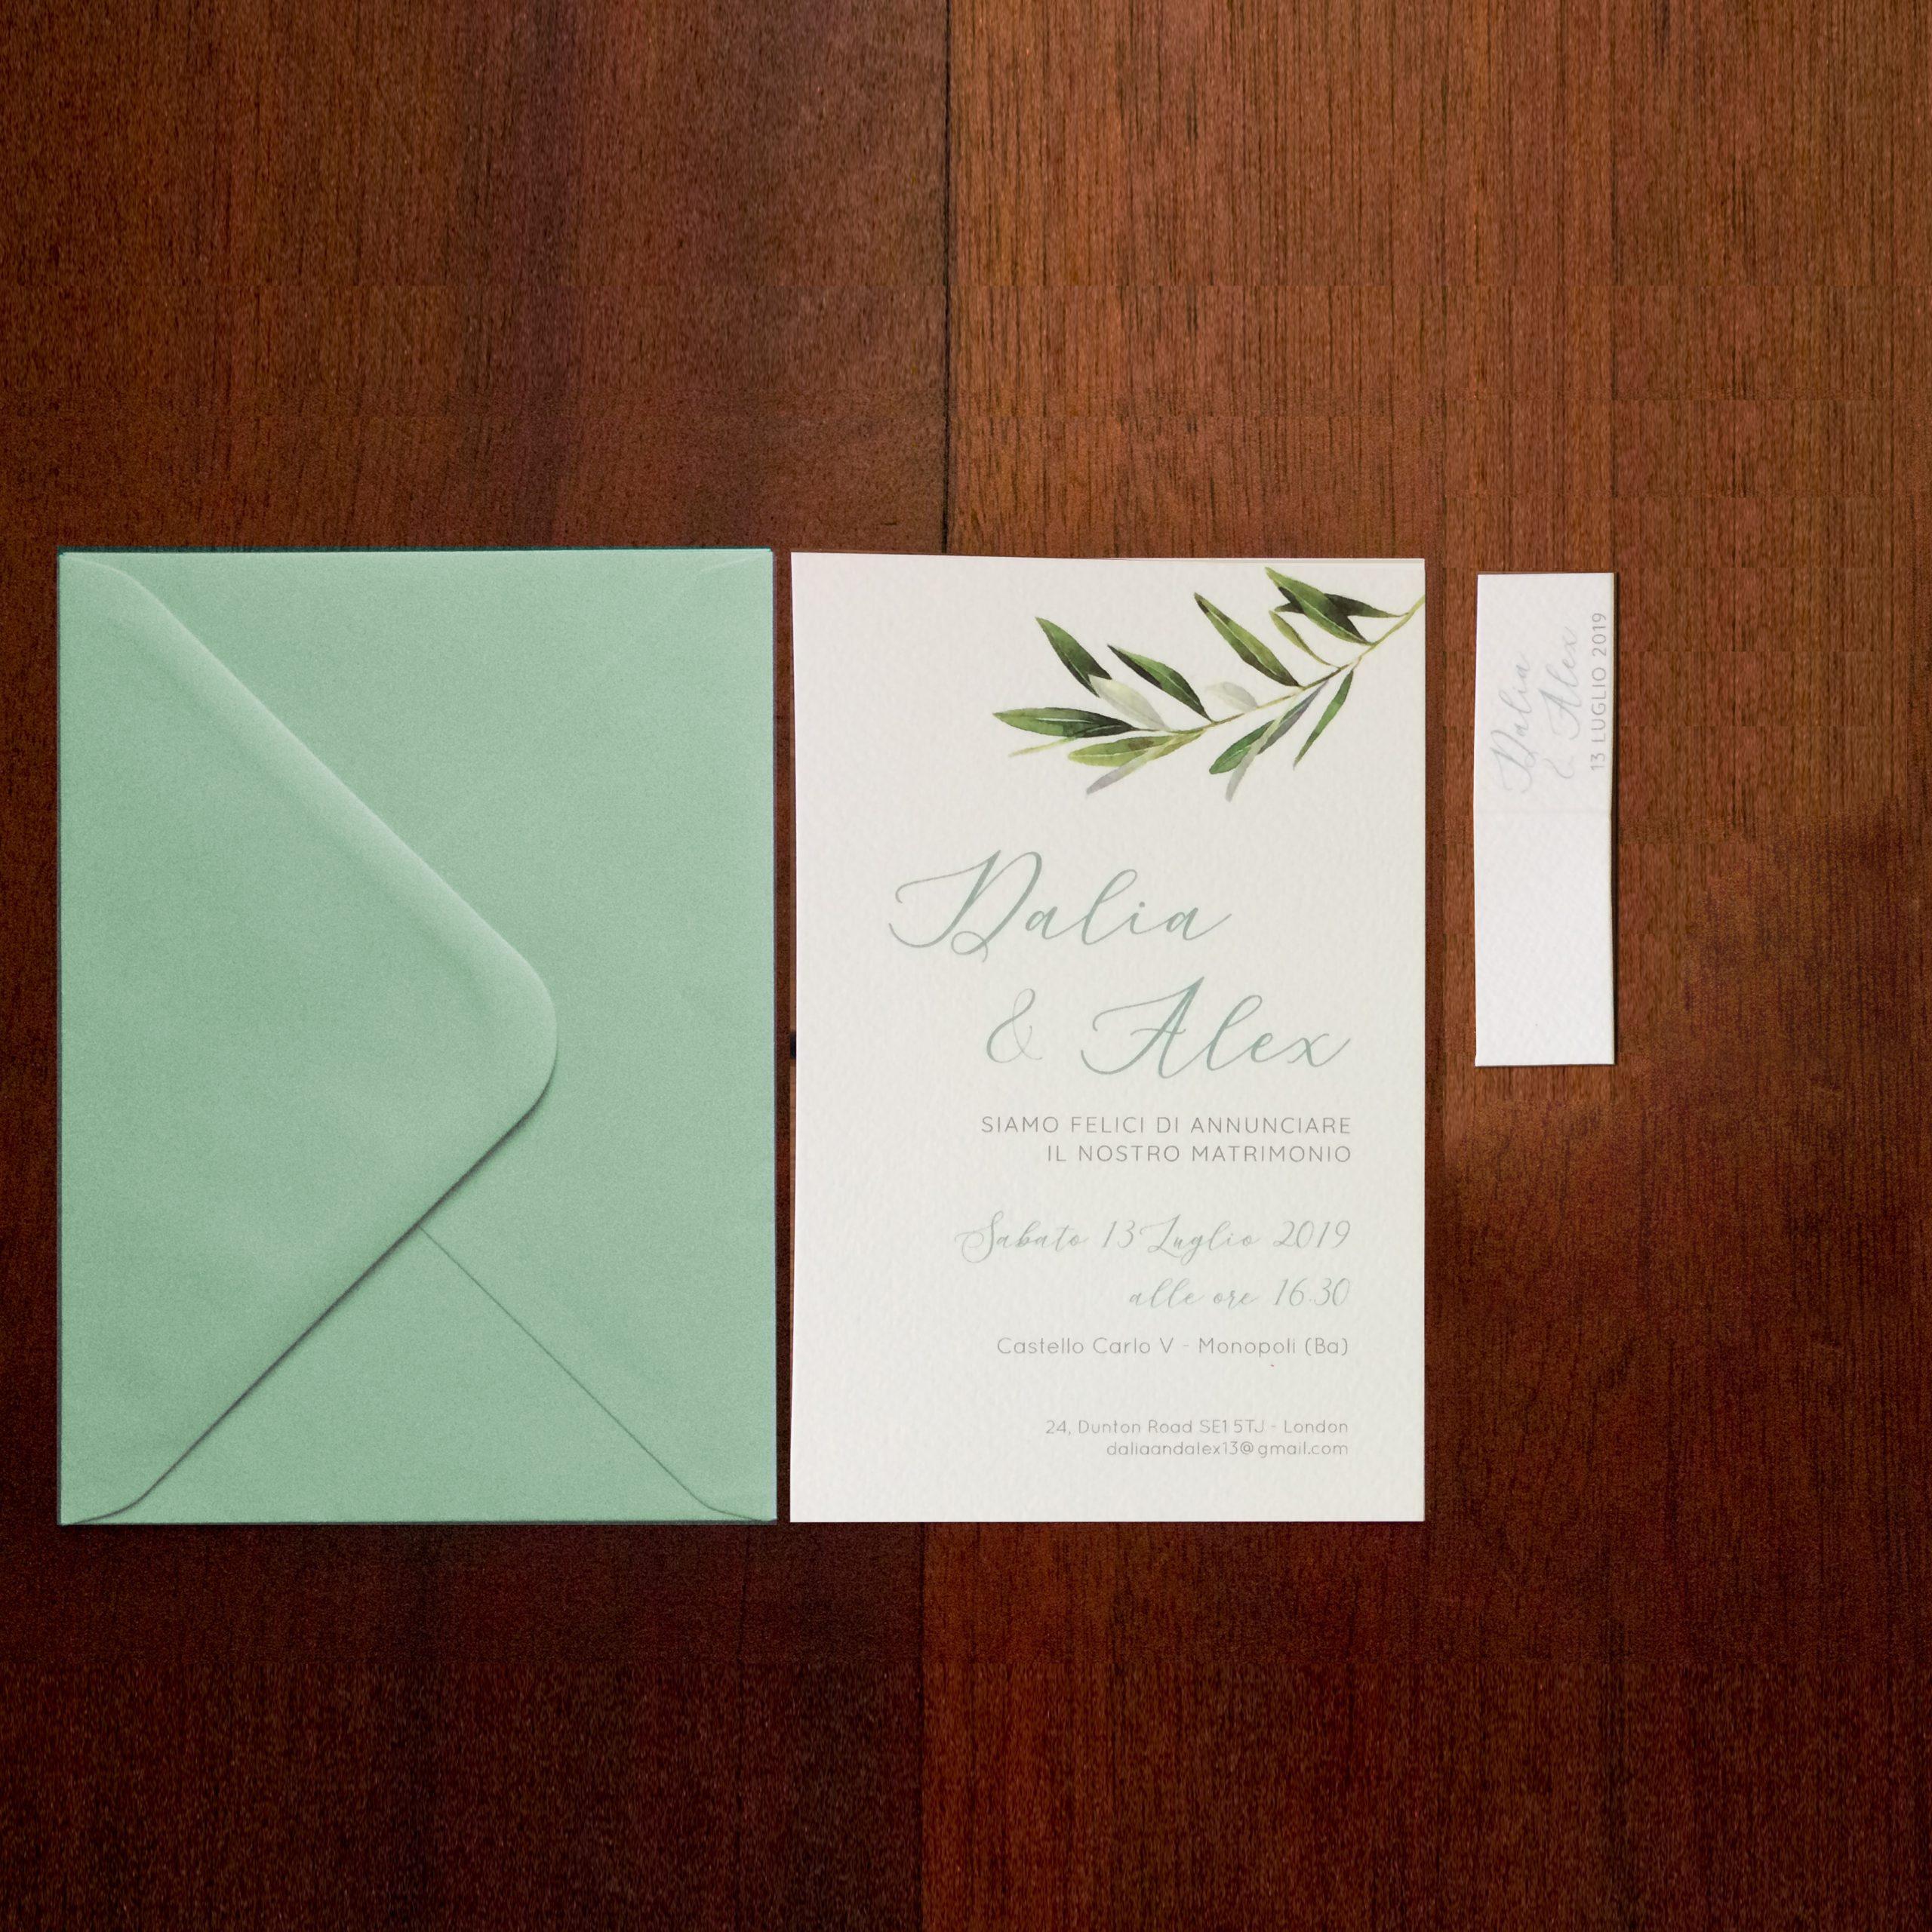 Partecipazioni nozze ulivo